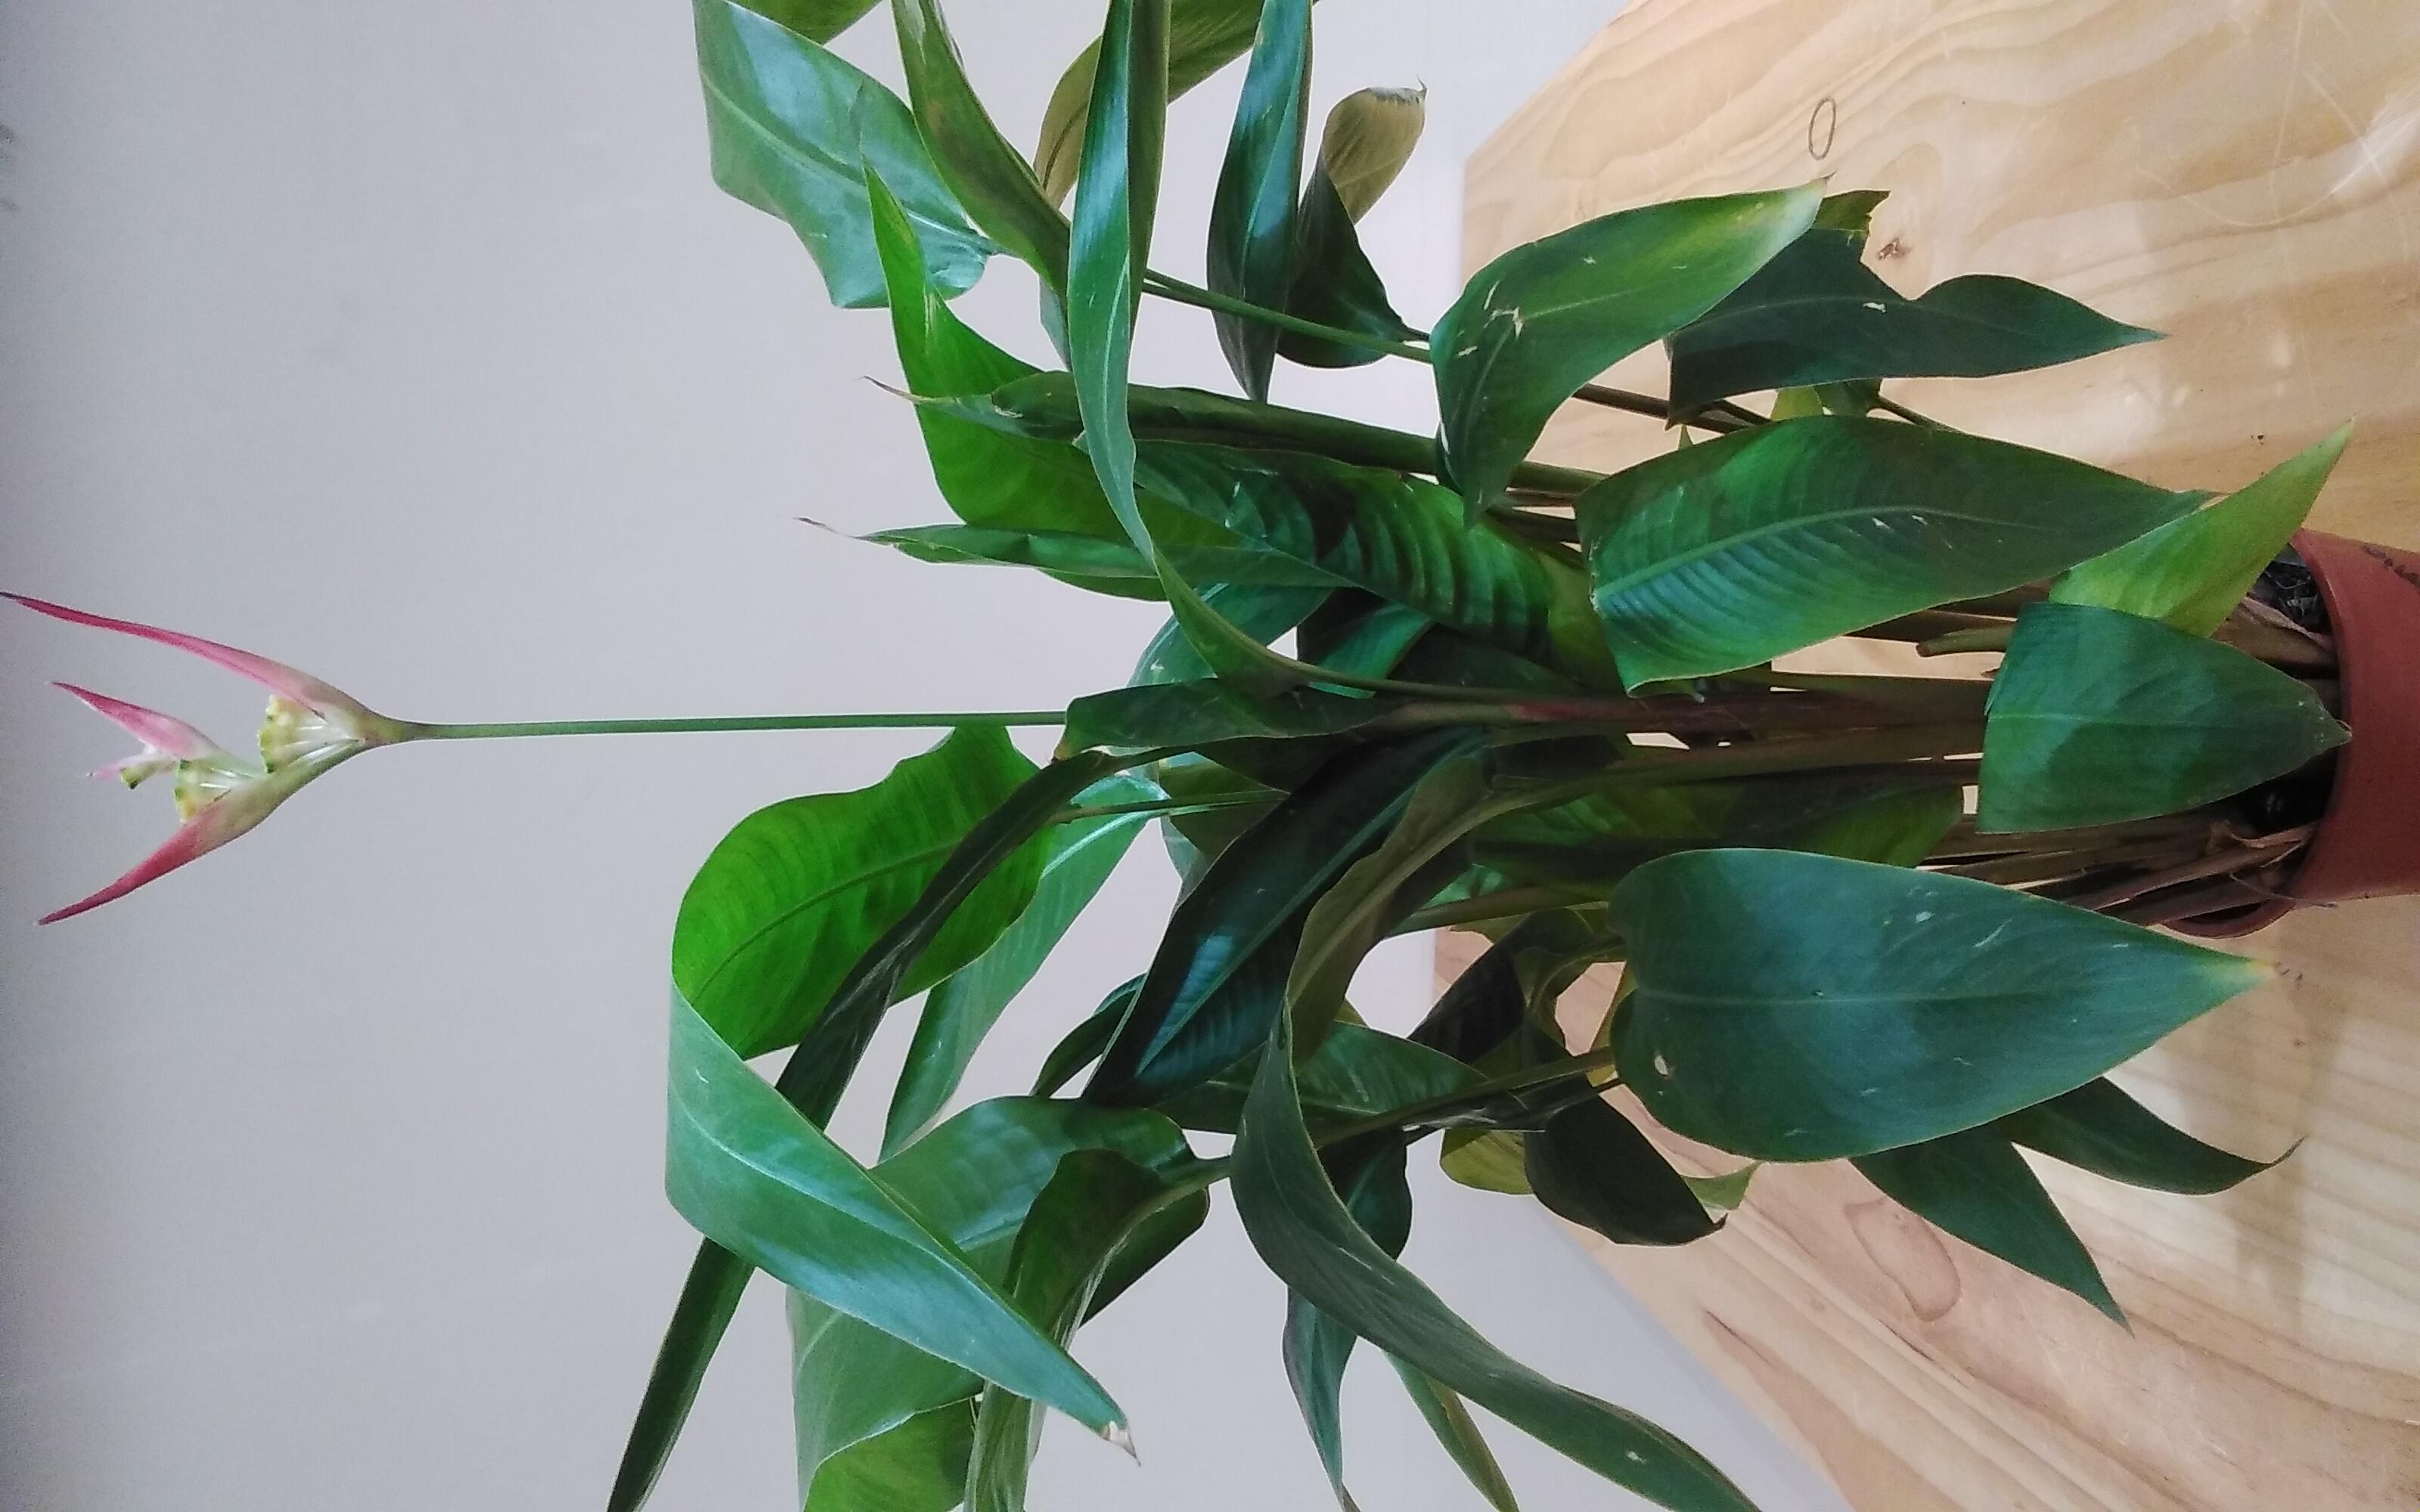 هيليكونيا 'نباتات داخلية'